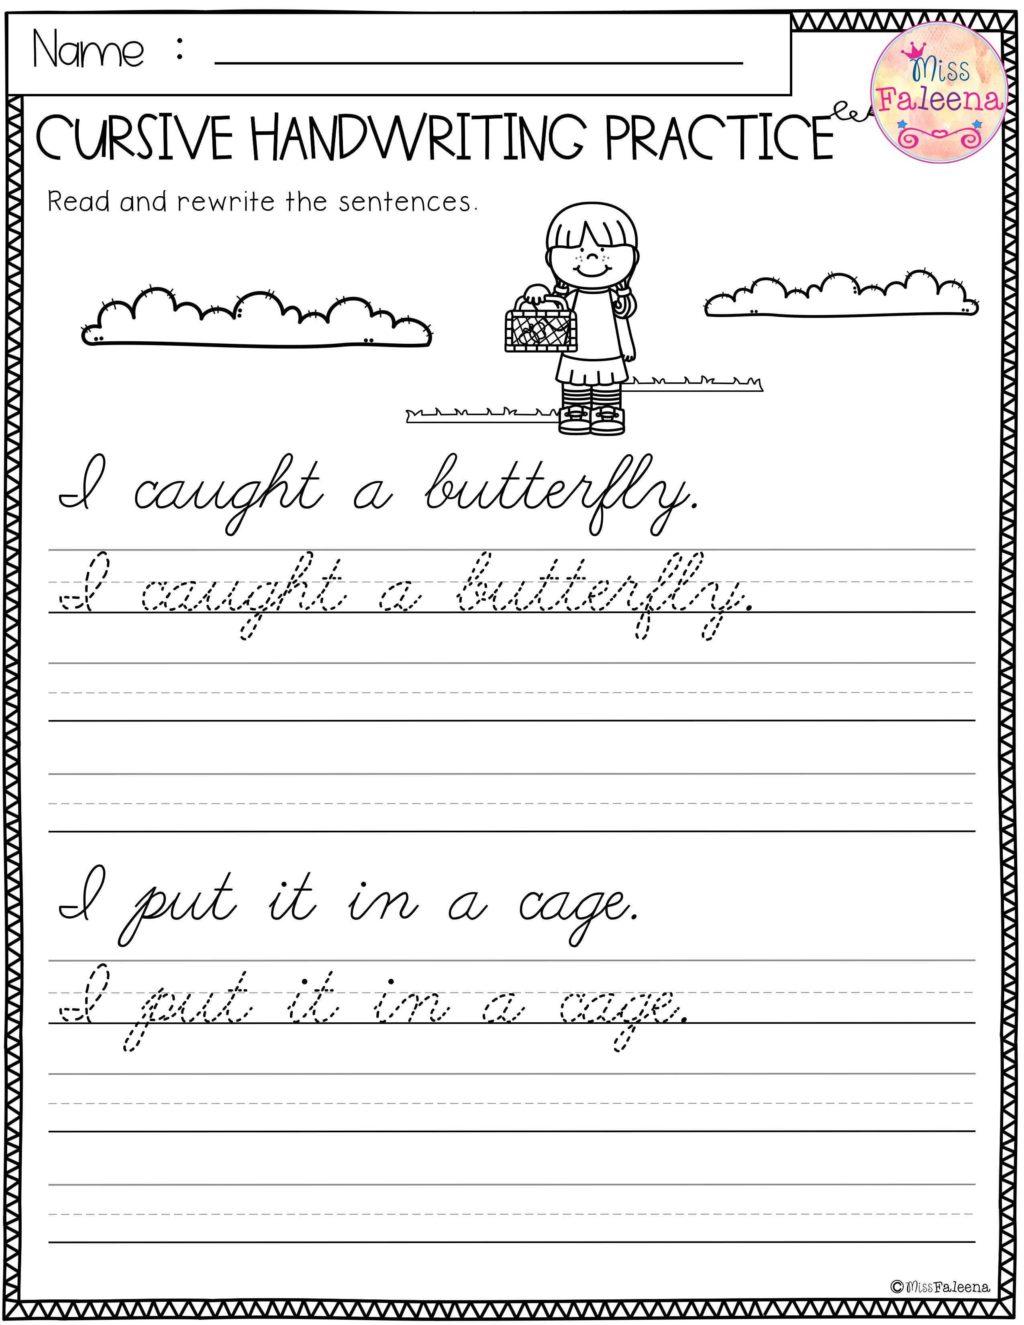 Cursive Handwriting Practice Online Testree Halloween